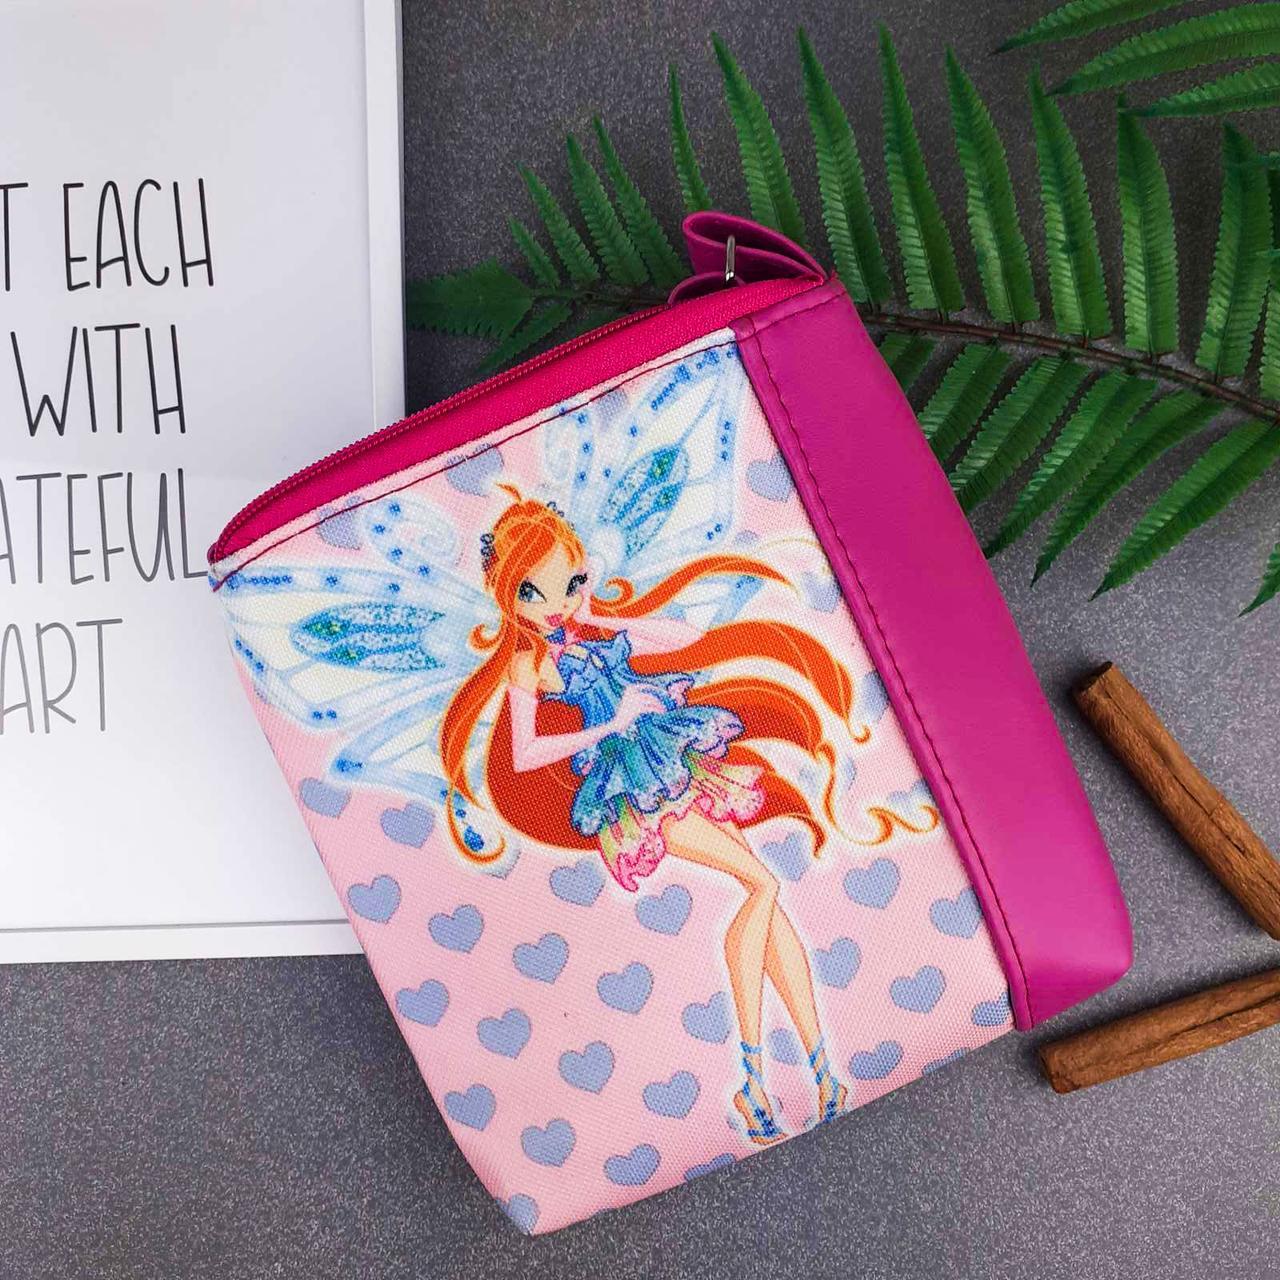 Сумка Moderika Mini Miss розовая с рисунком Винкс Блум  (55206)